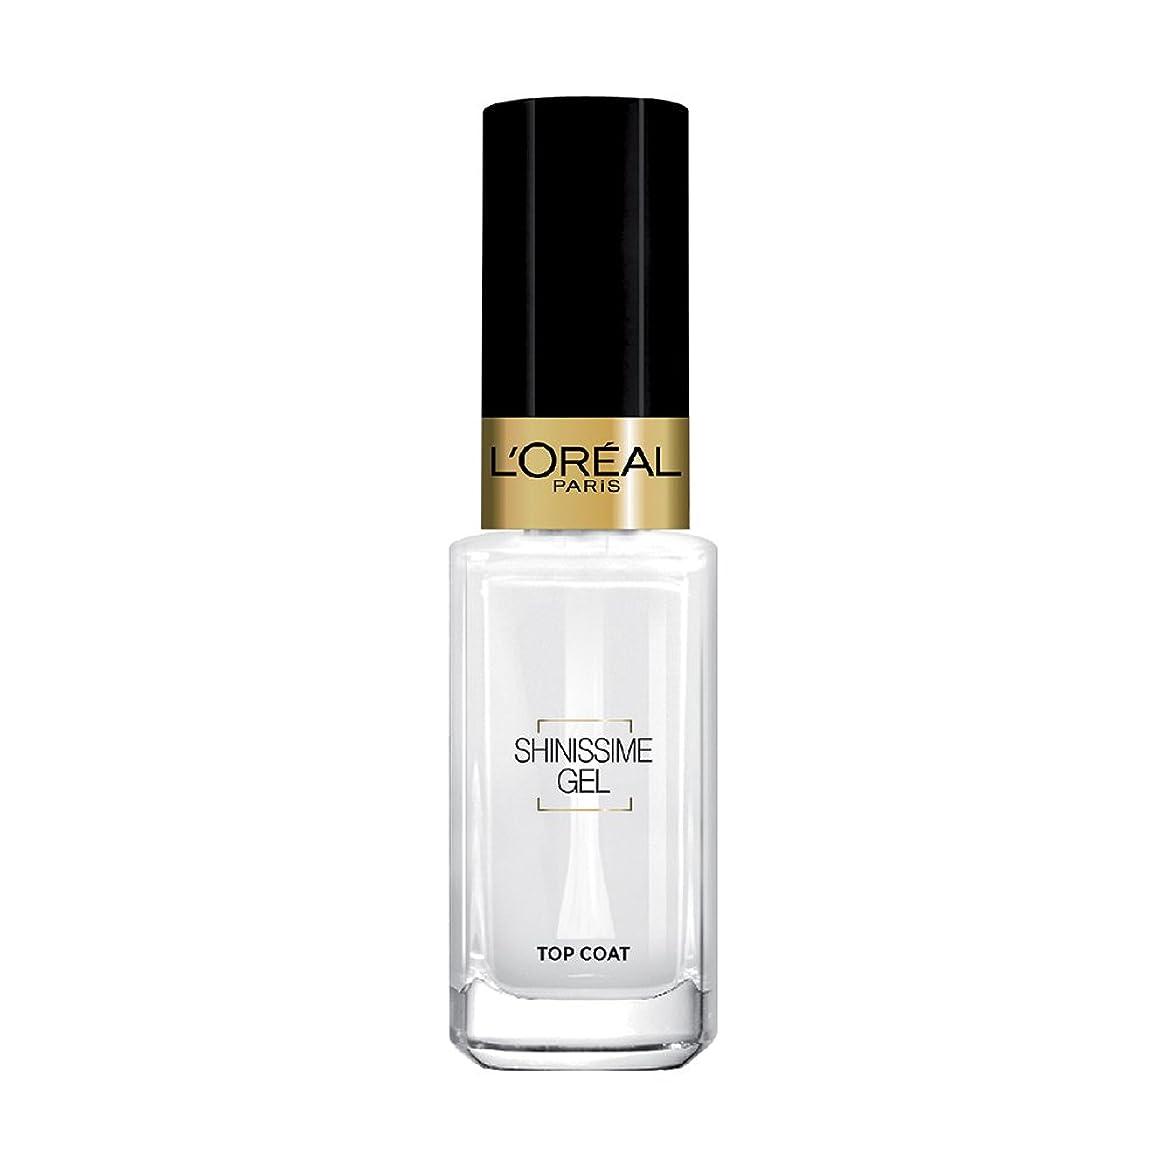 丁寧ベル人柄L 'Oréal Paris shinissime Gel Top Coat effekt gel